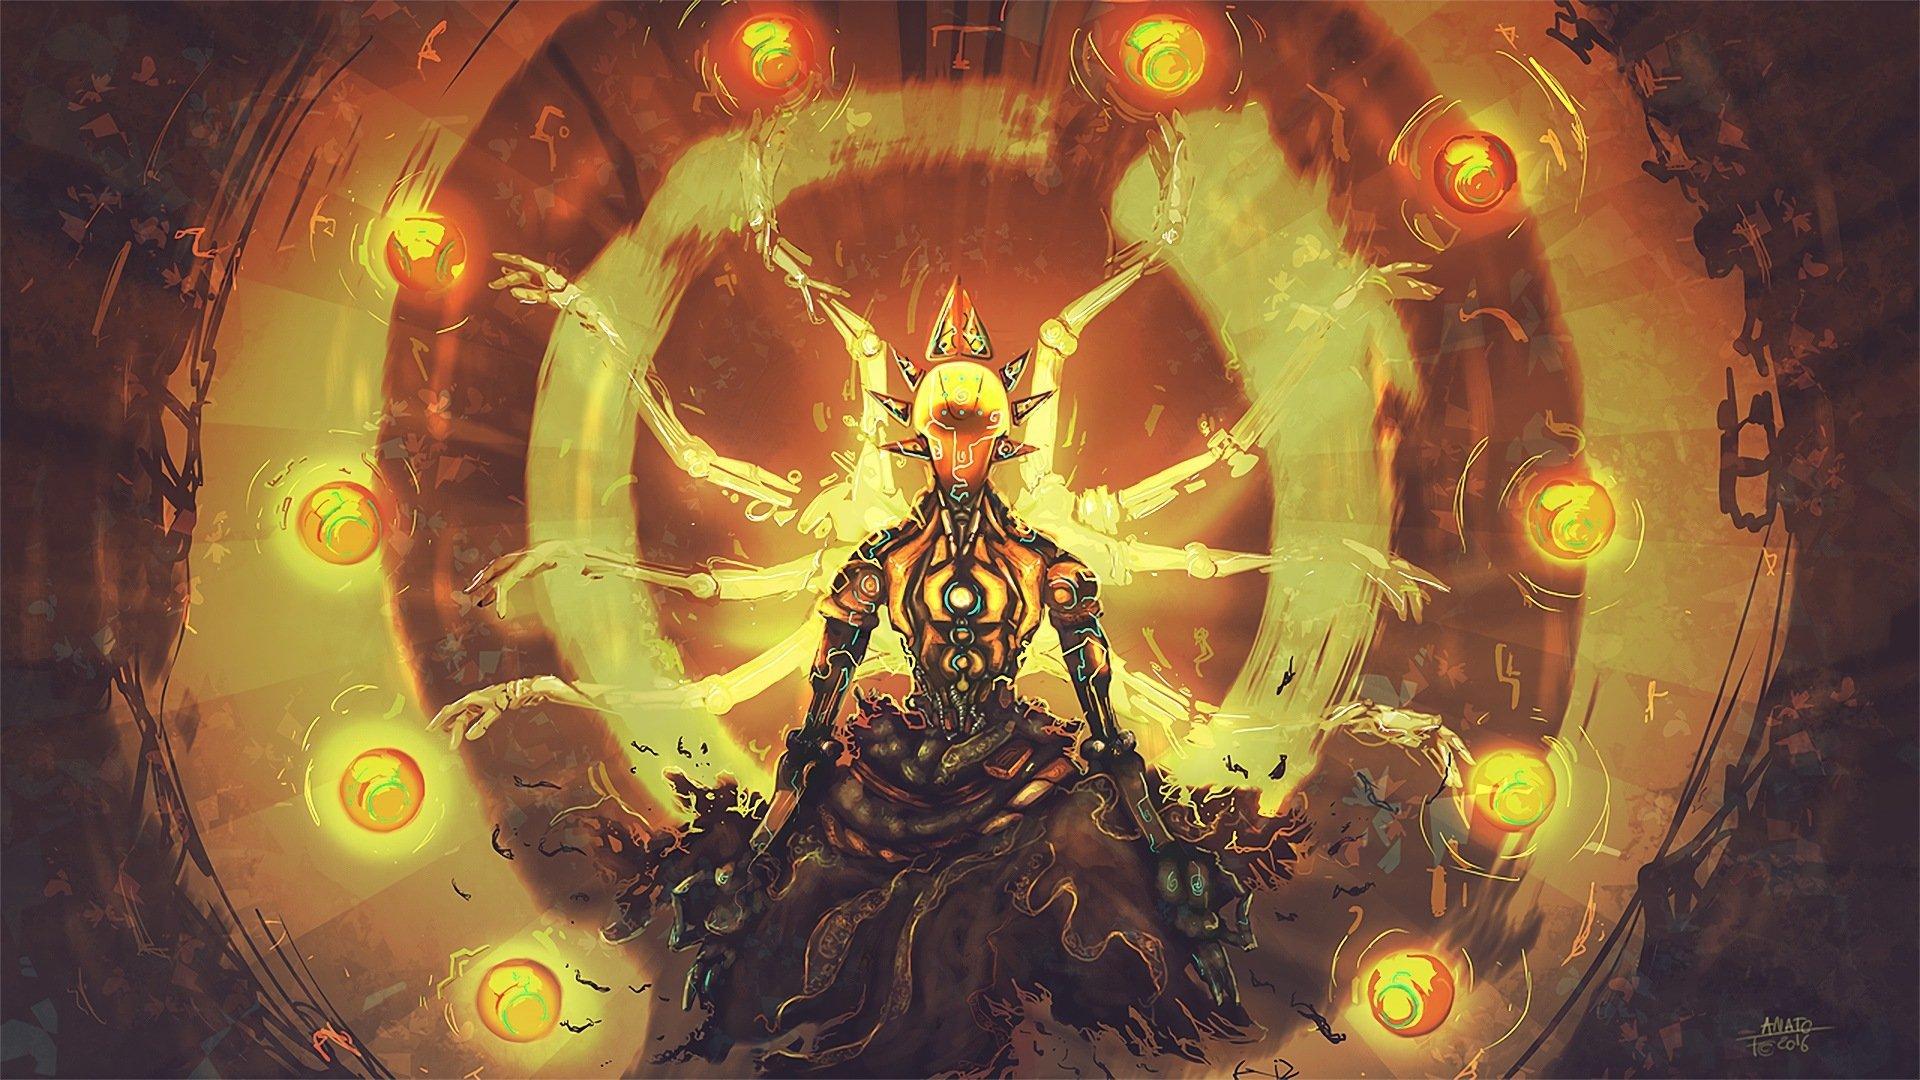 51 Zenyatta Overwatch Hd Wallpapers Background Images